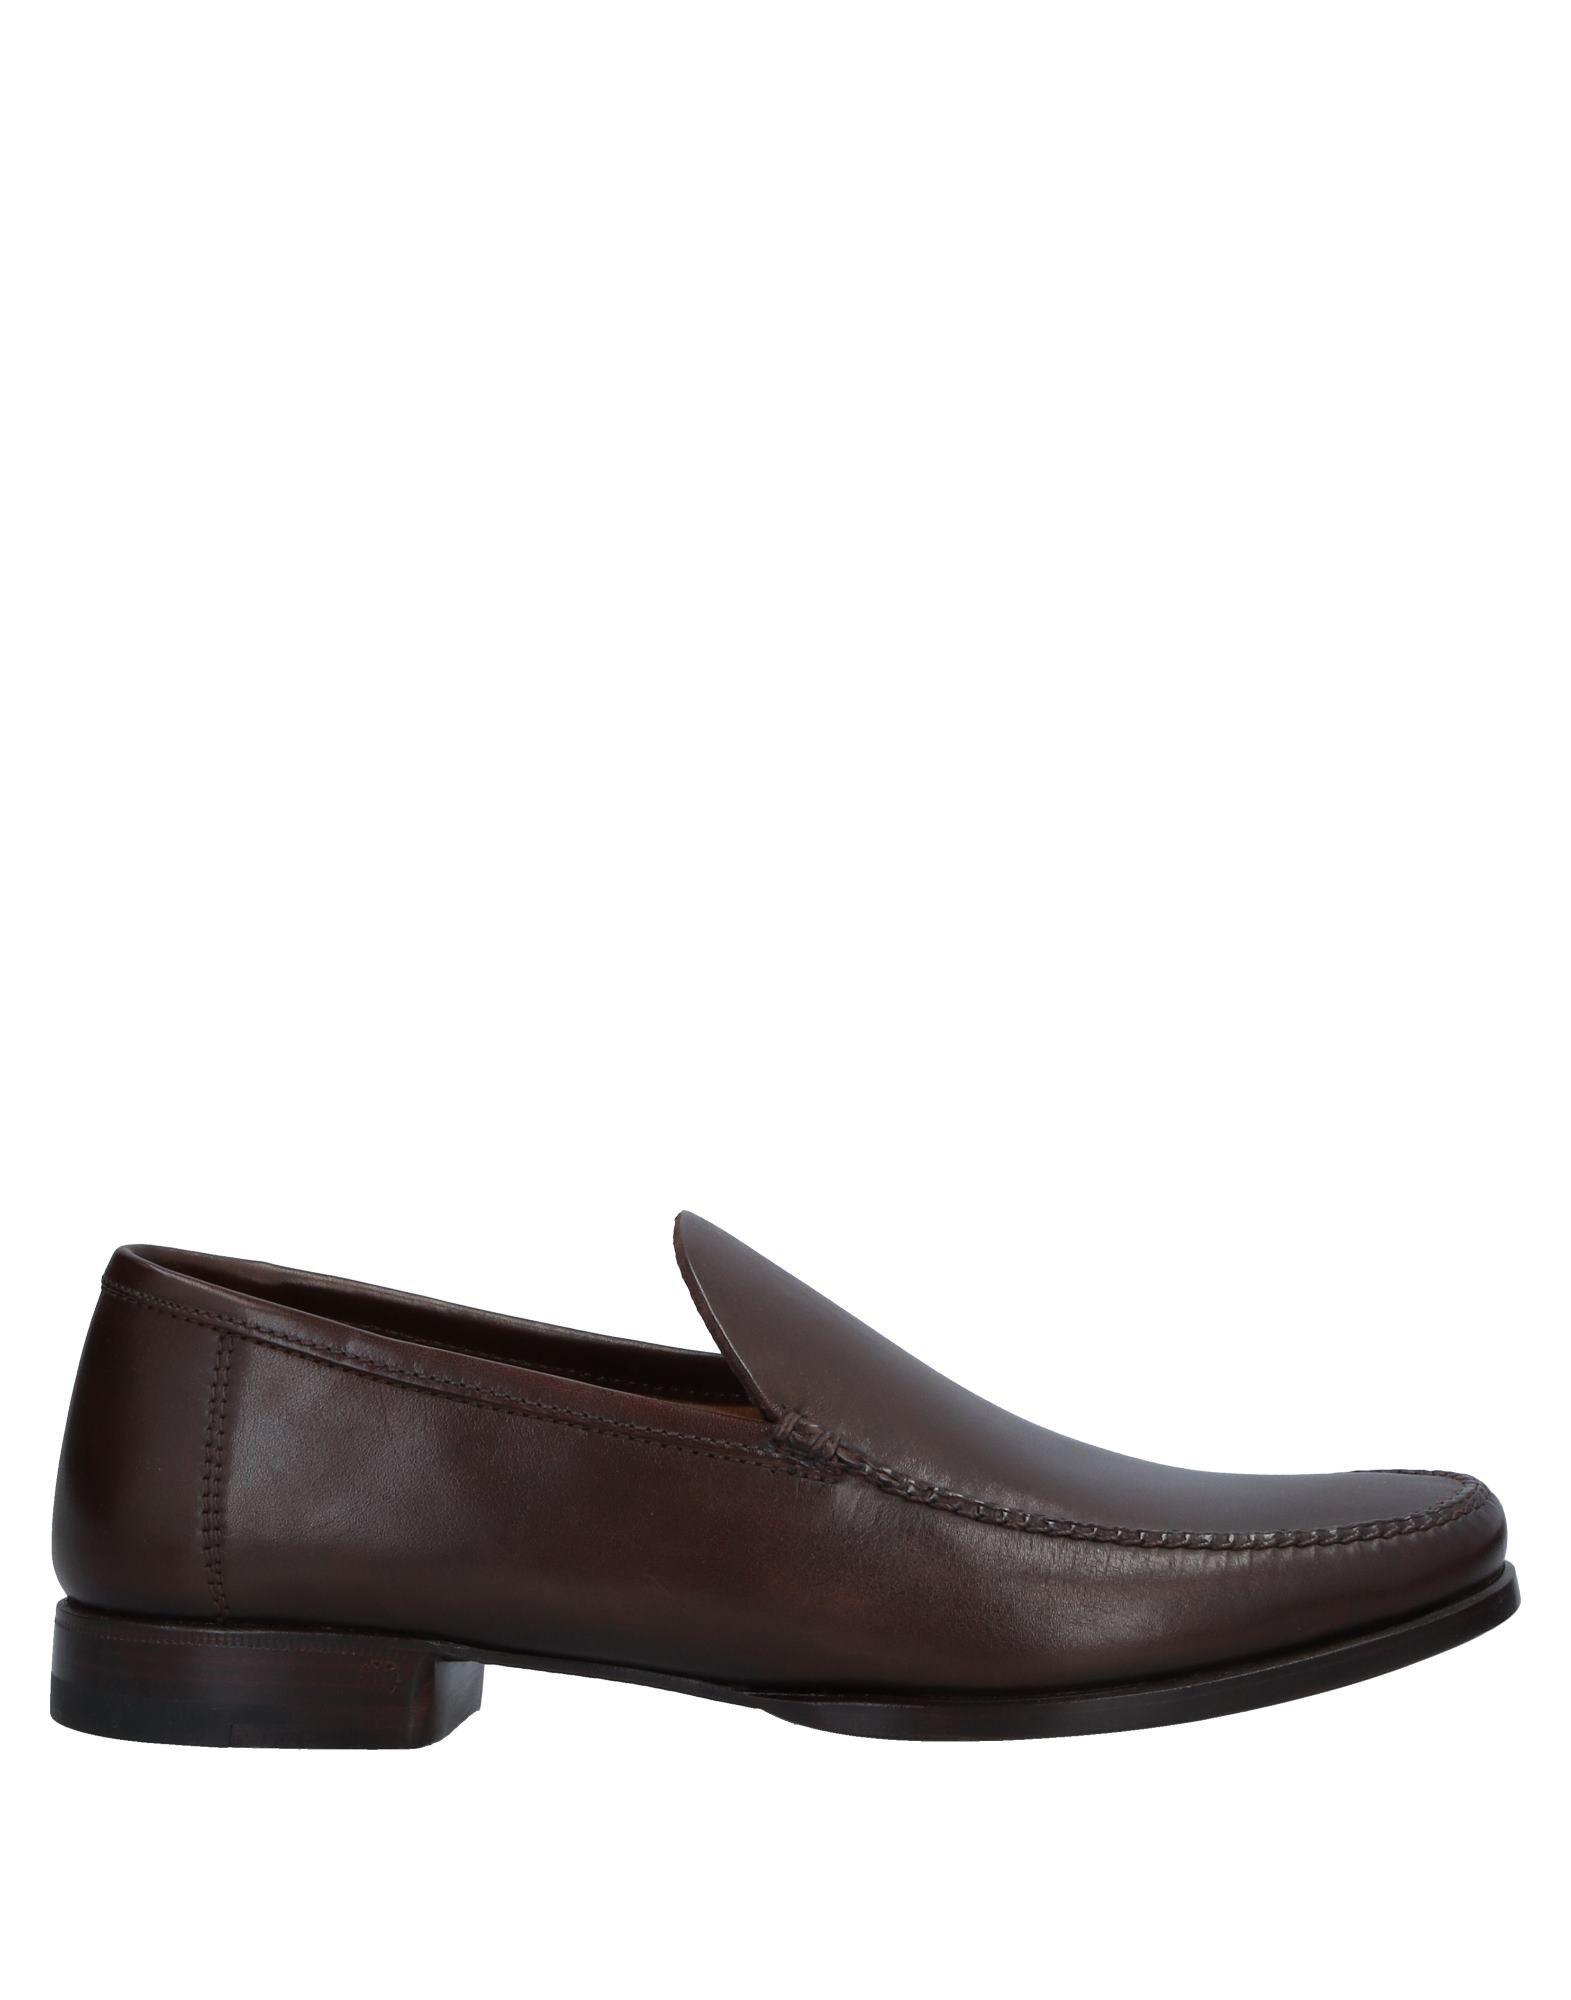 Arfango Mokassins Herren  11526058WH Gute Qualität beliebte Schuhe